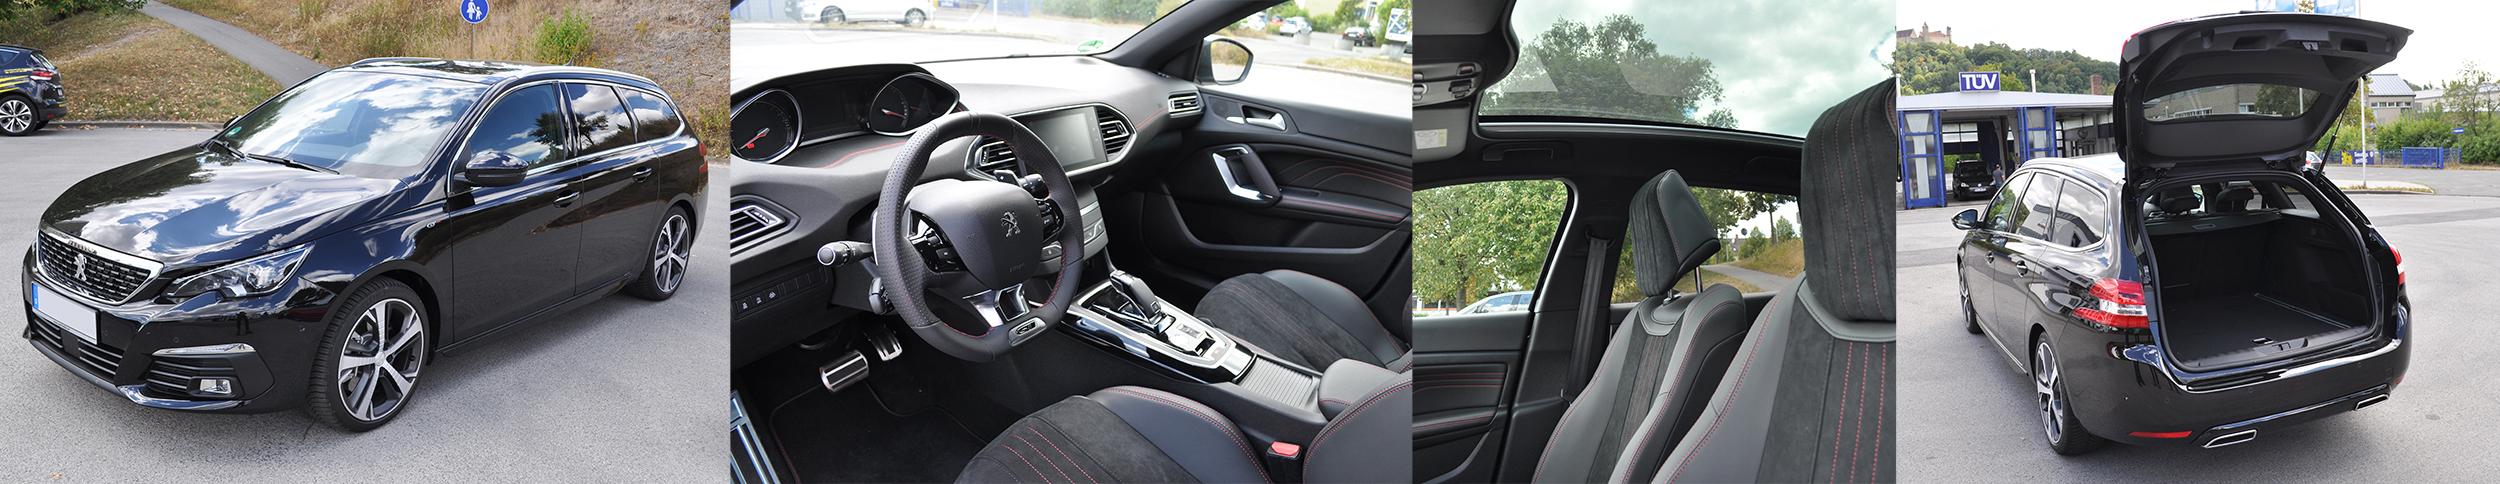 Peugeot 308 SW 2018 Ausstattung